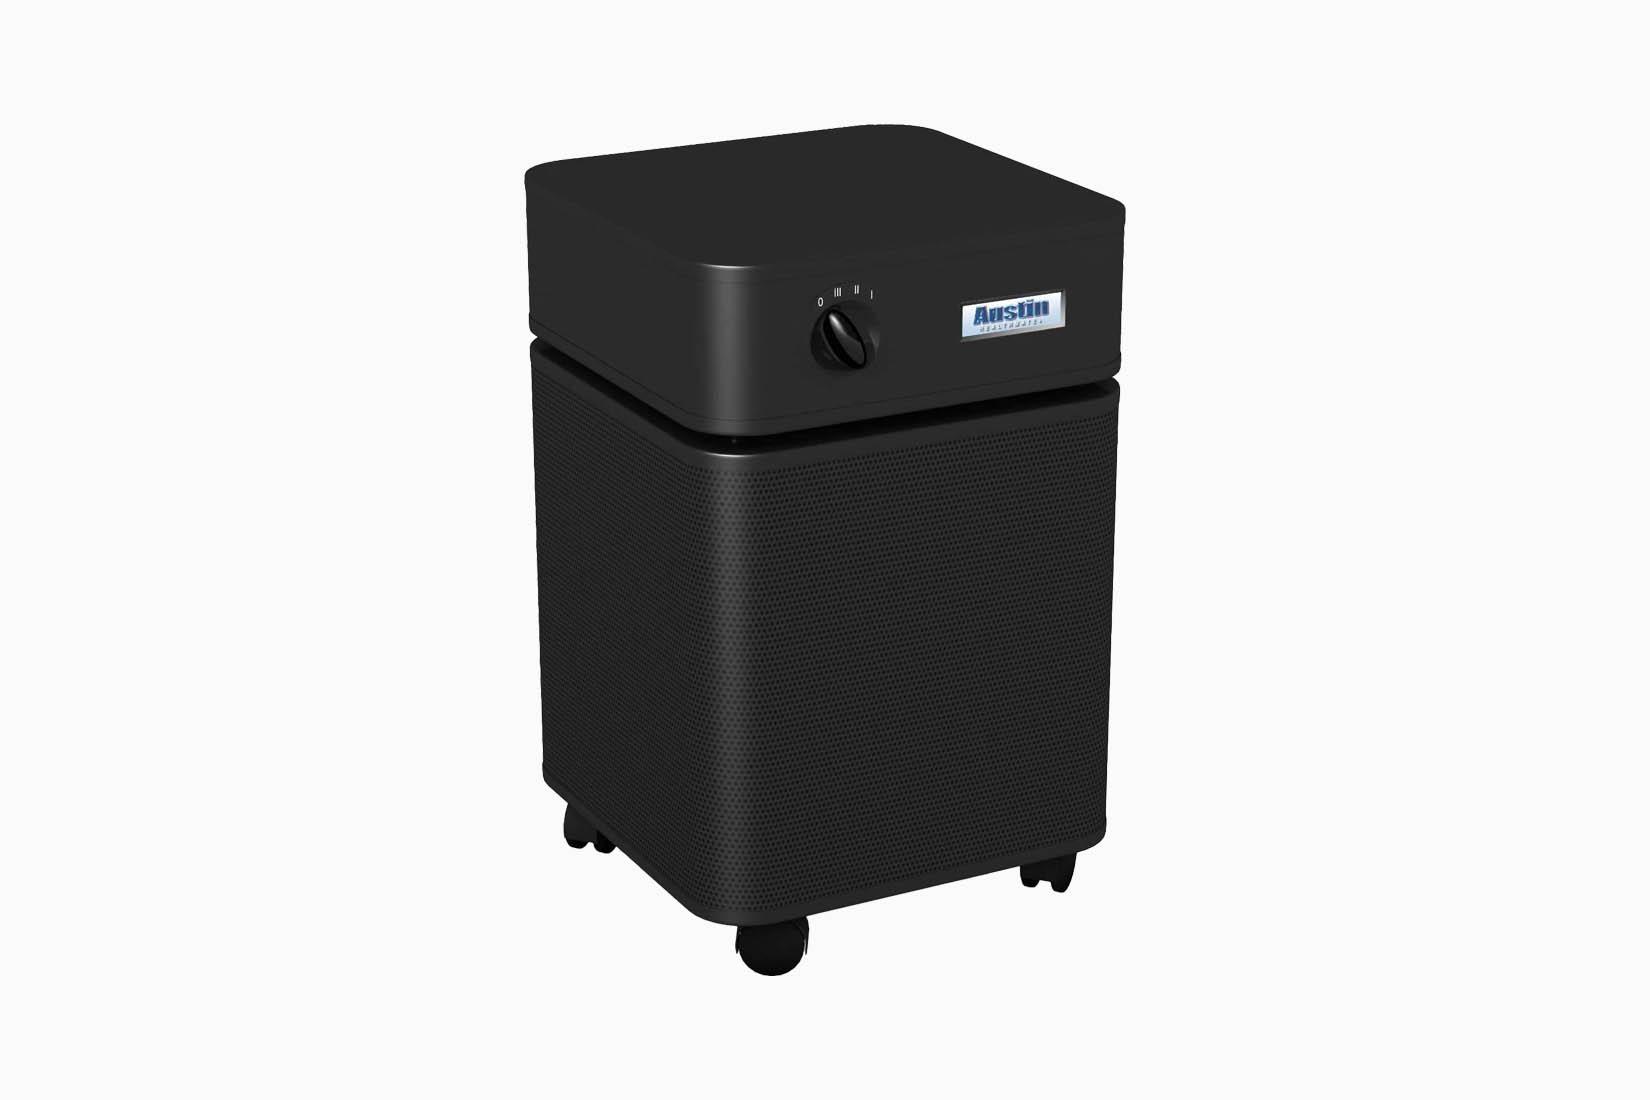 best air purifier austin review Luxe Digital